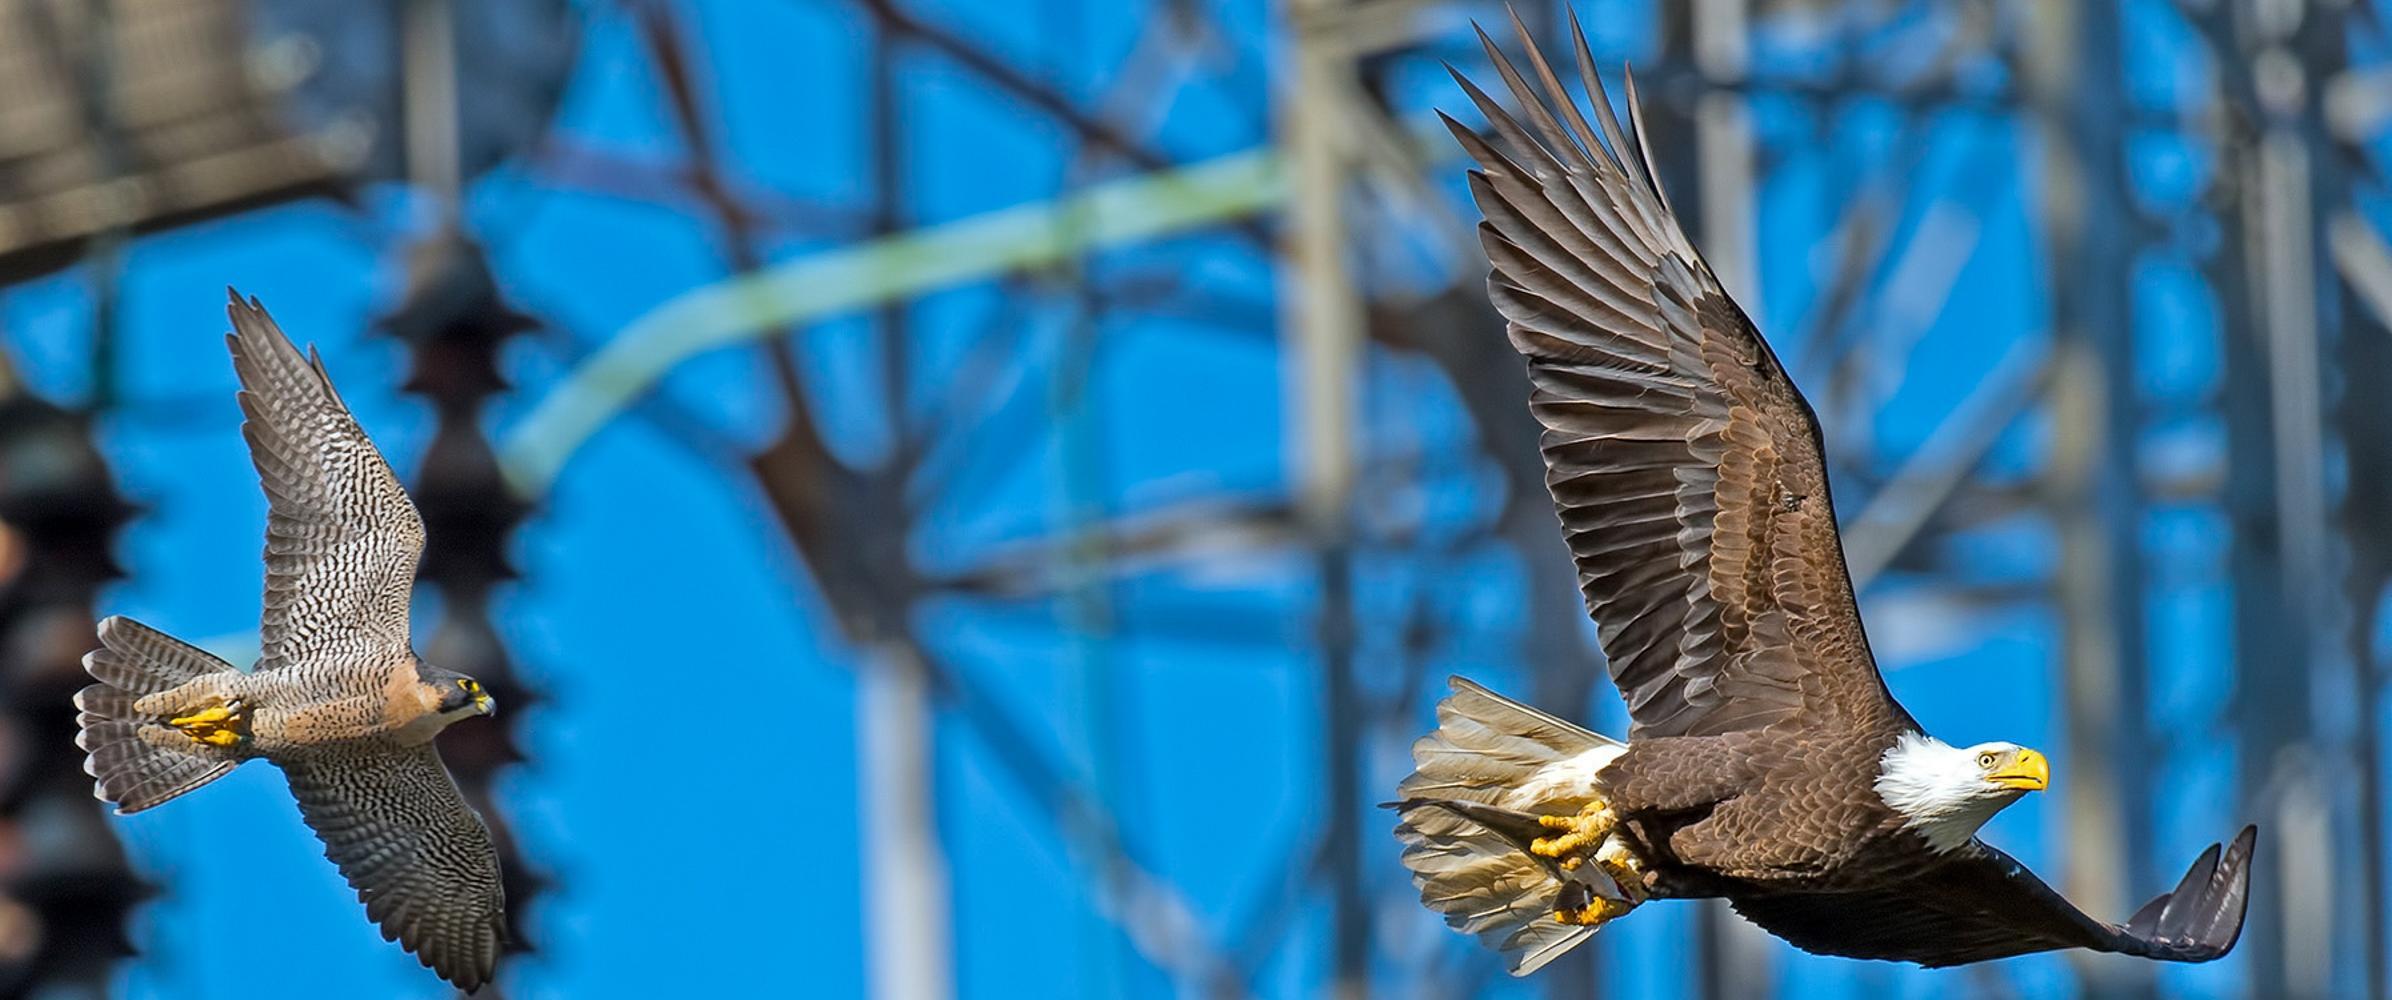 falcon and eagle